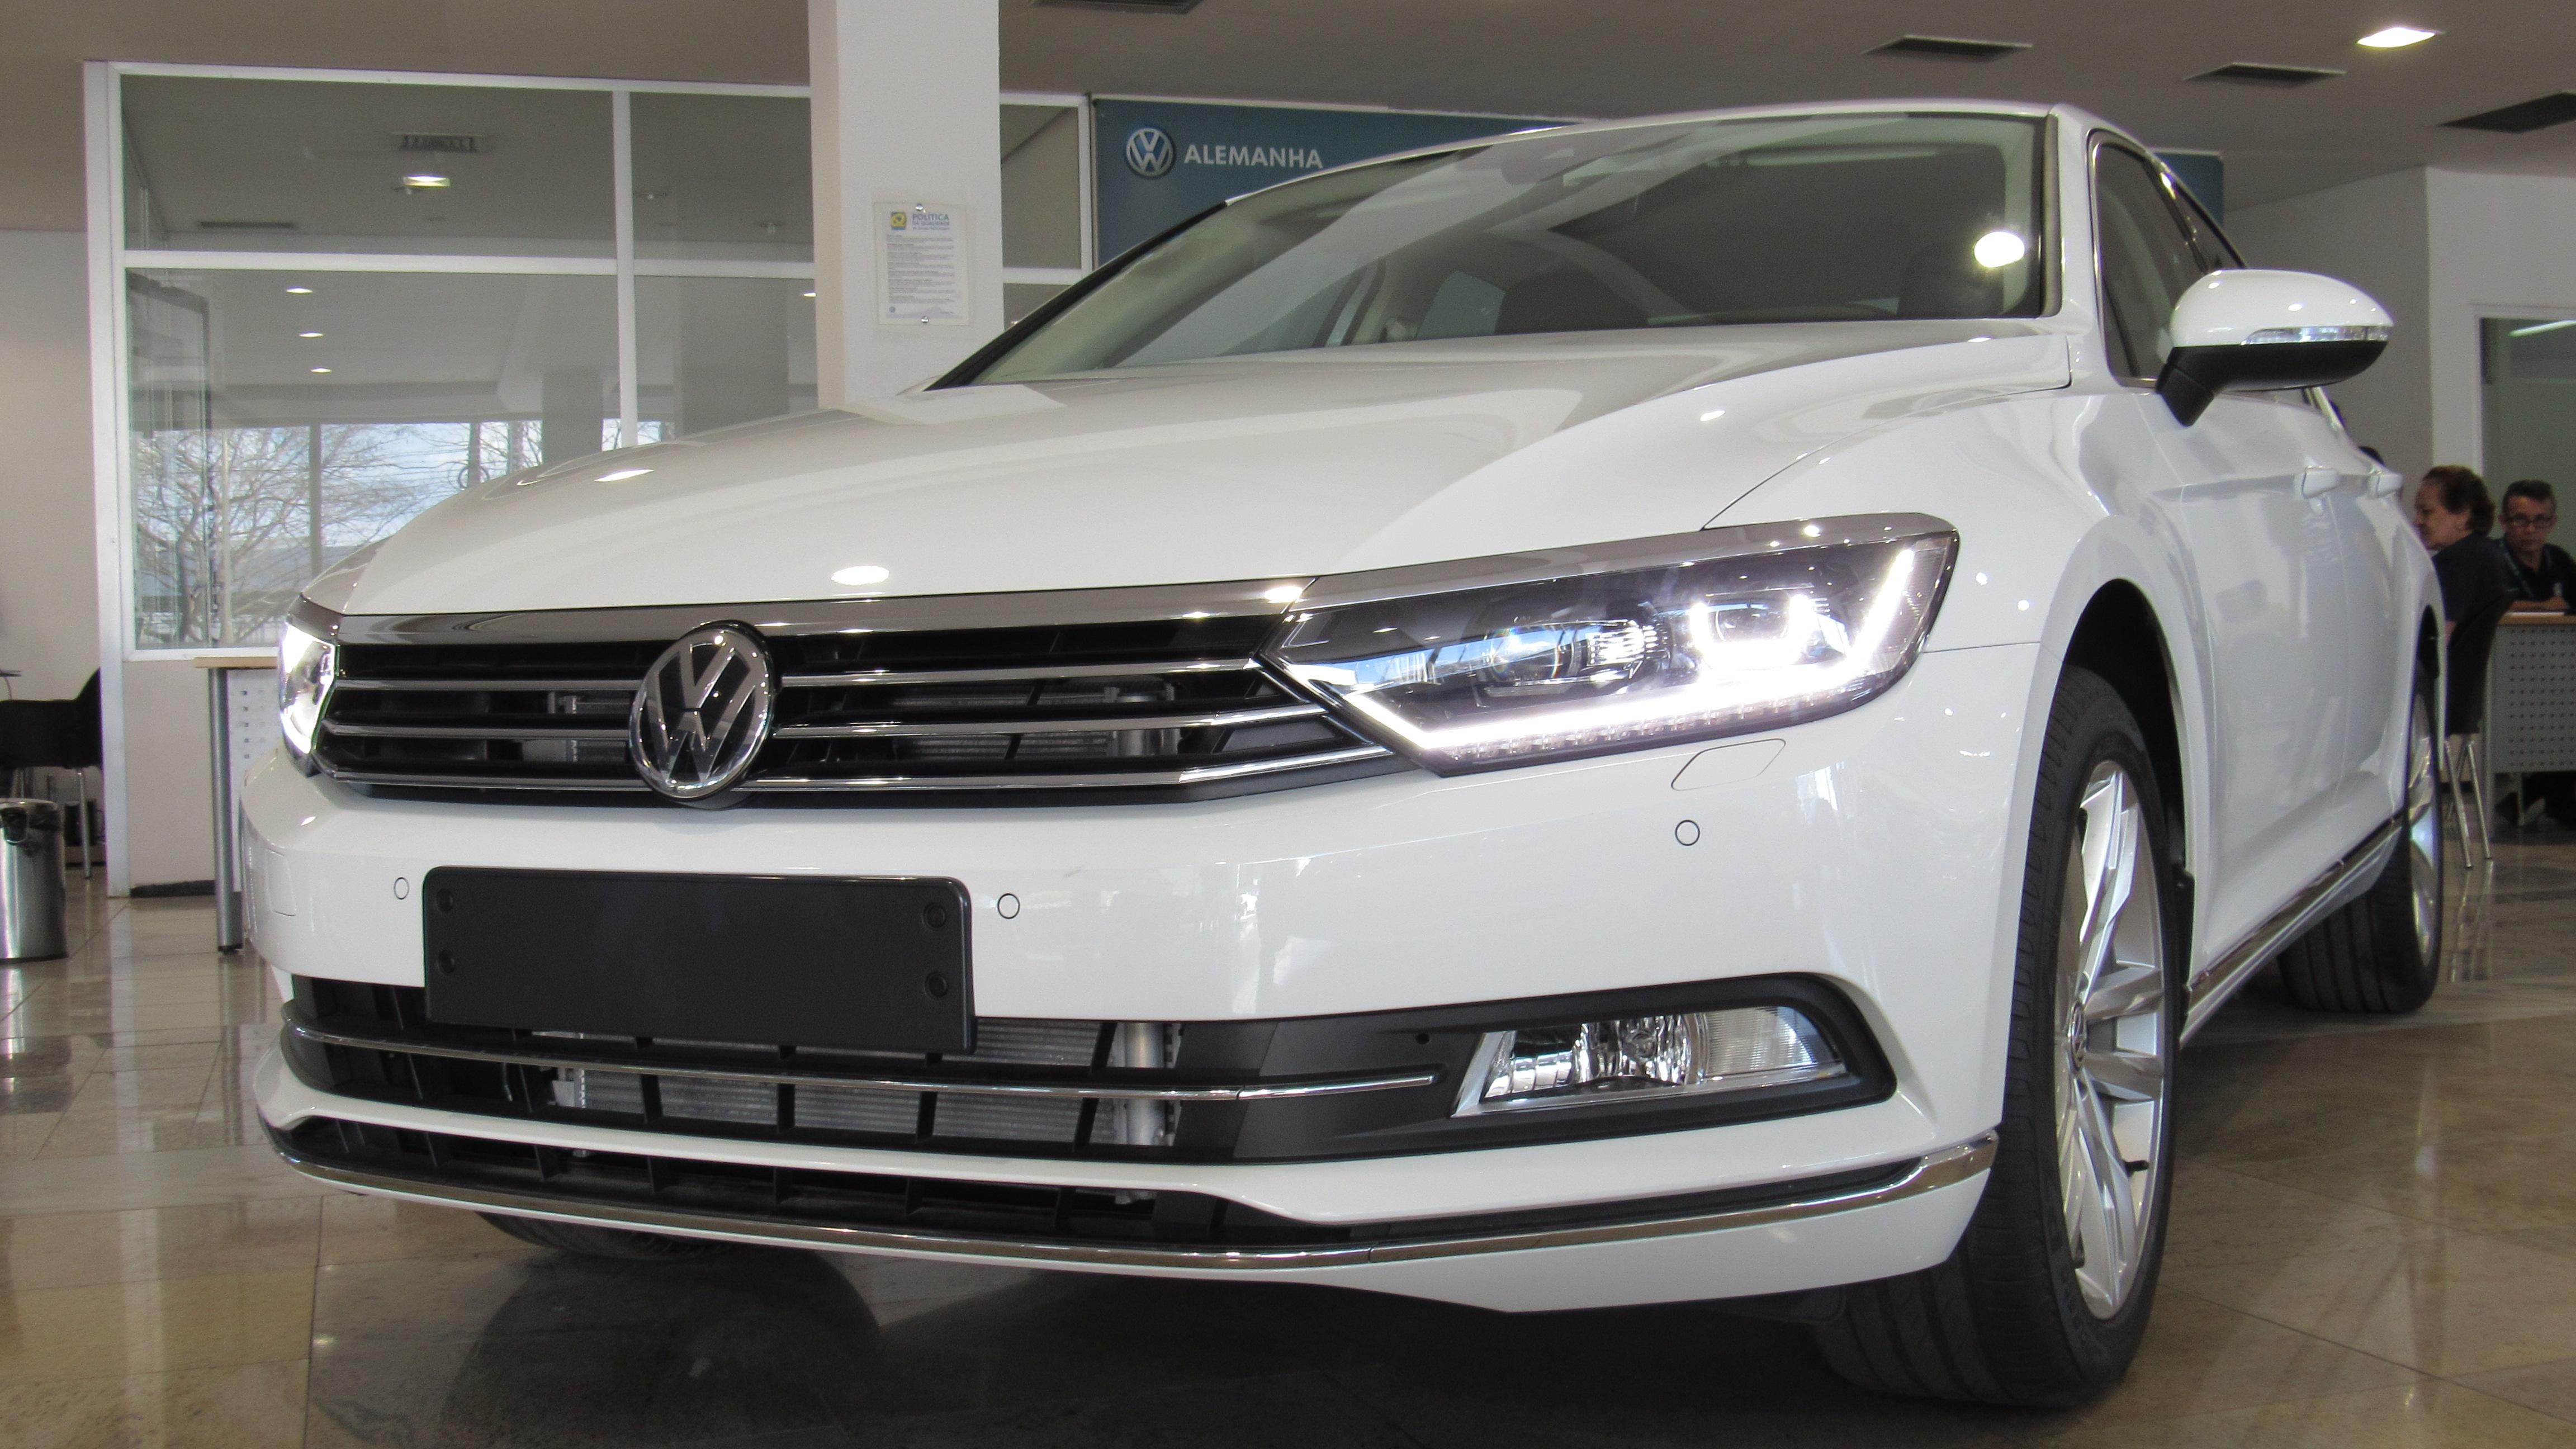 Conheça o Volkswagen Passat Highline: sedan de alto luxo concilia alta tecnologia e muita segurança